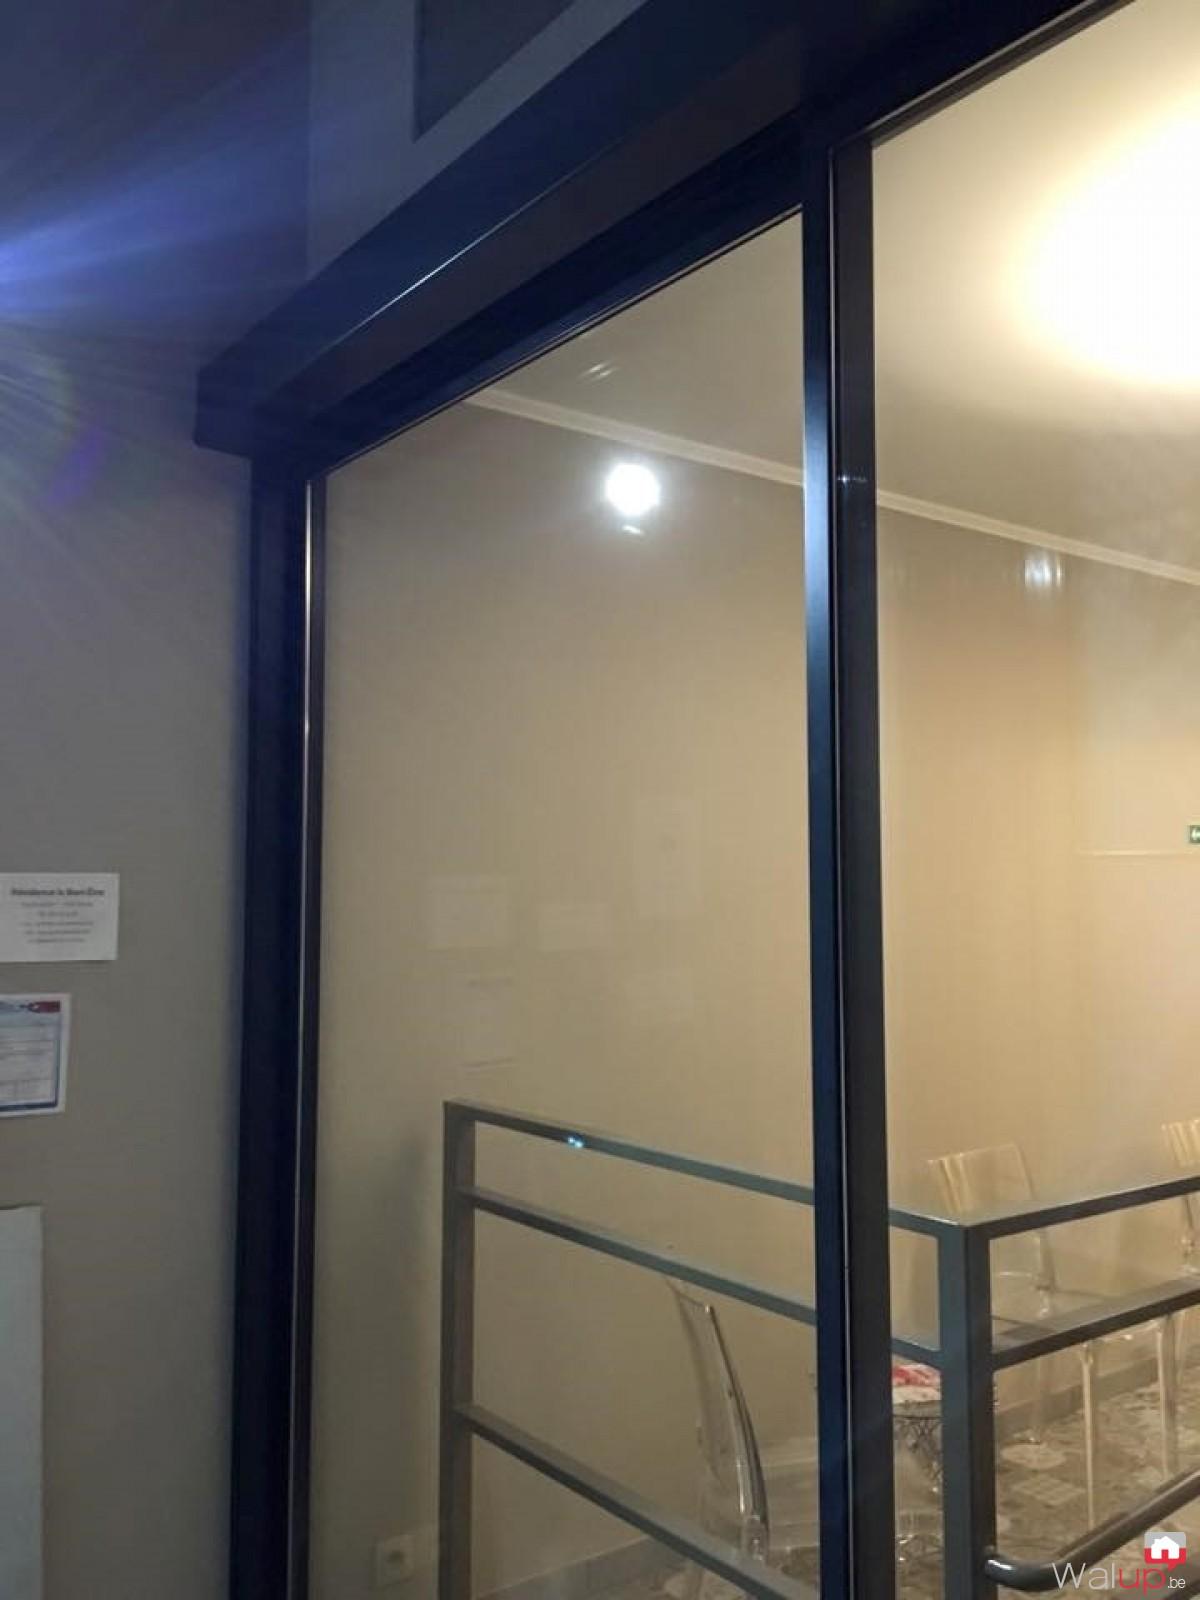 Porte automatique par stalift tournai for Actigramme a 0 porte automatique